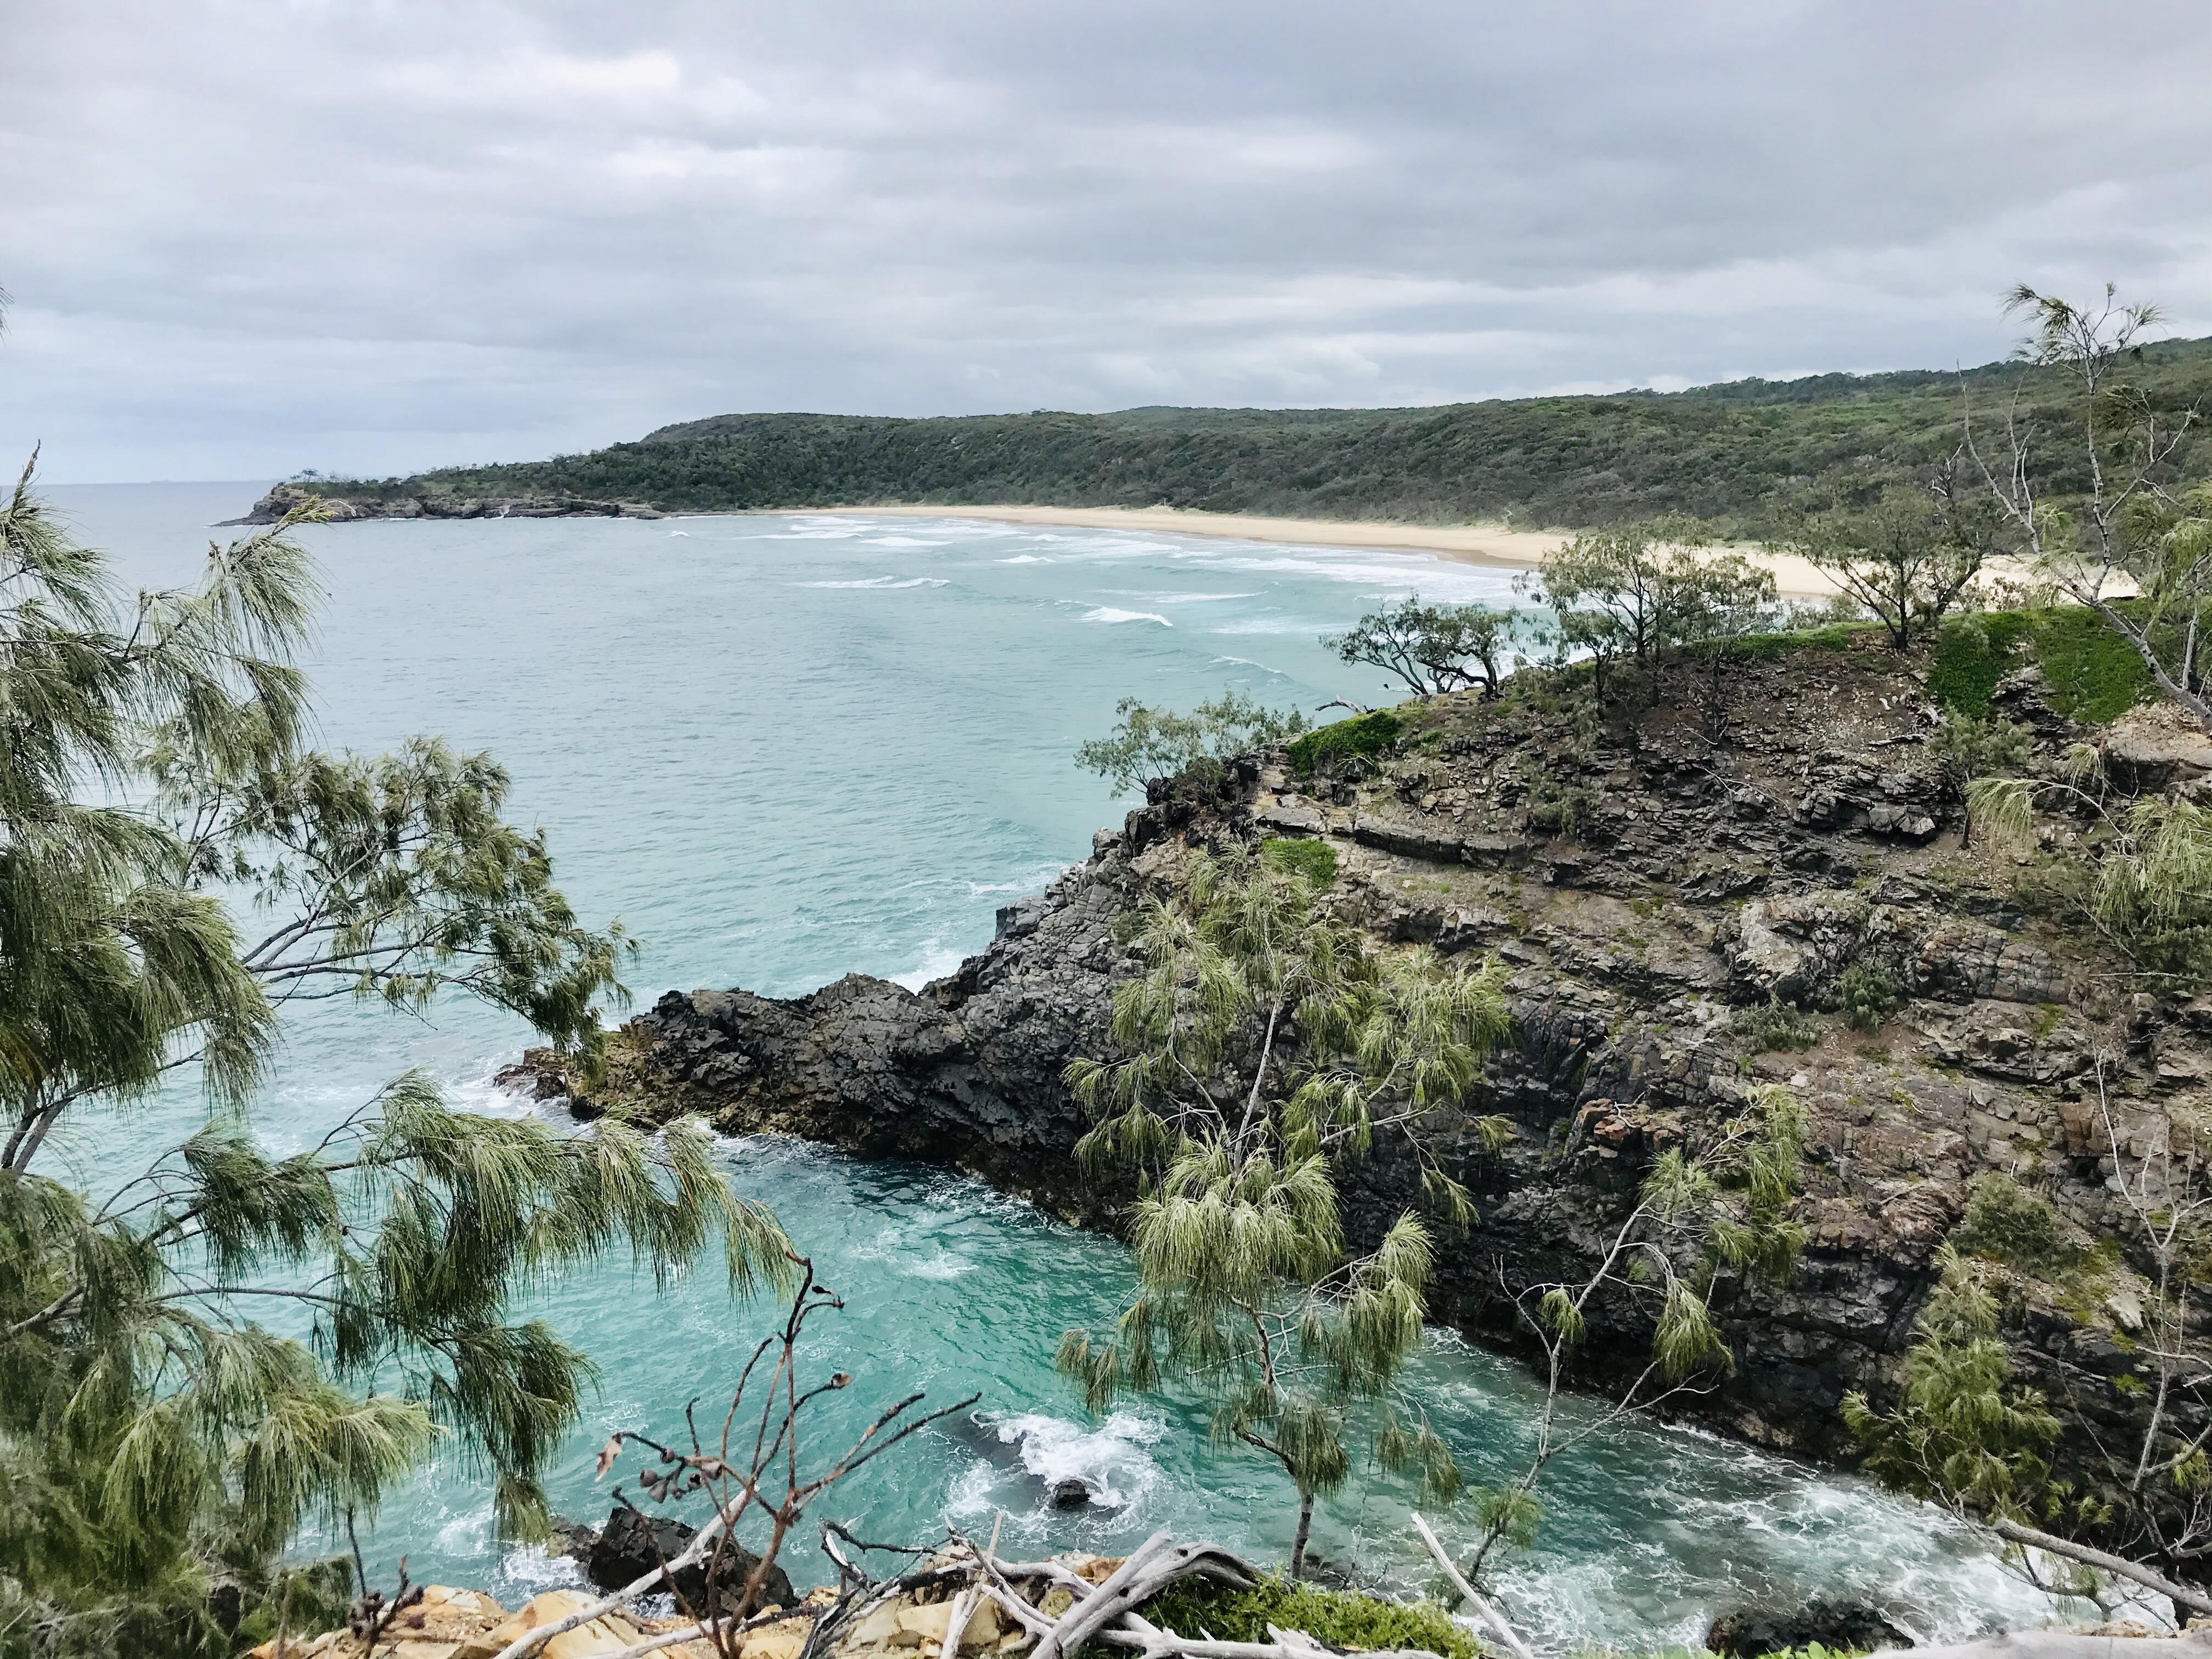 AUS (11) – Terug in Byron Bay en op pad in Noosa